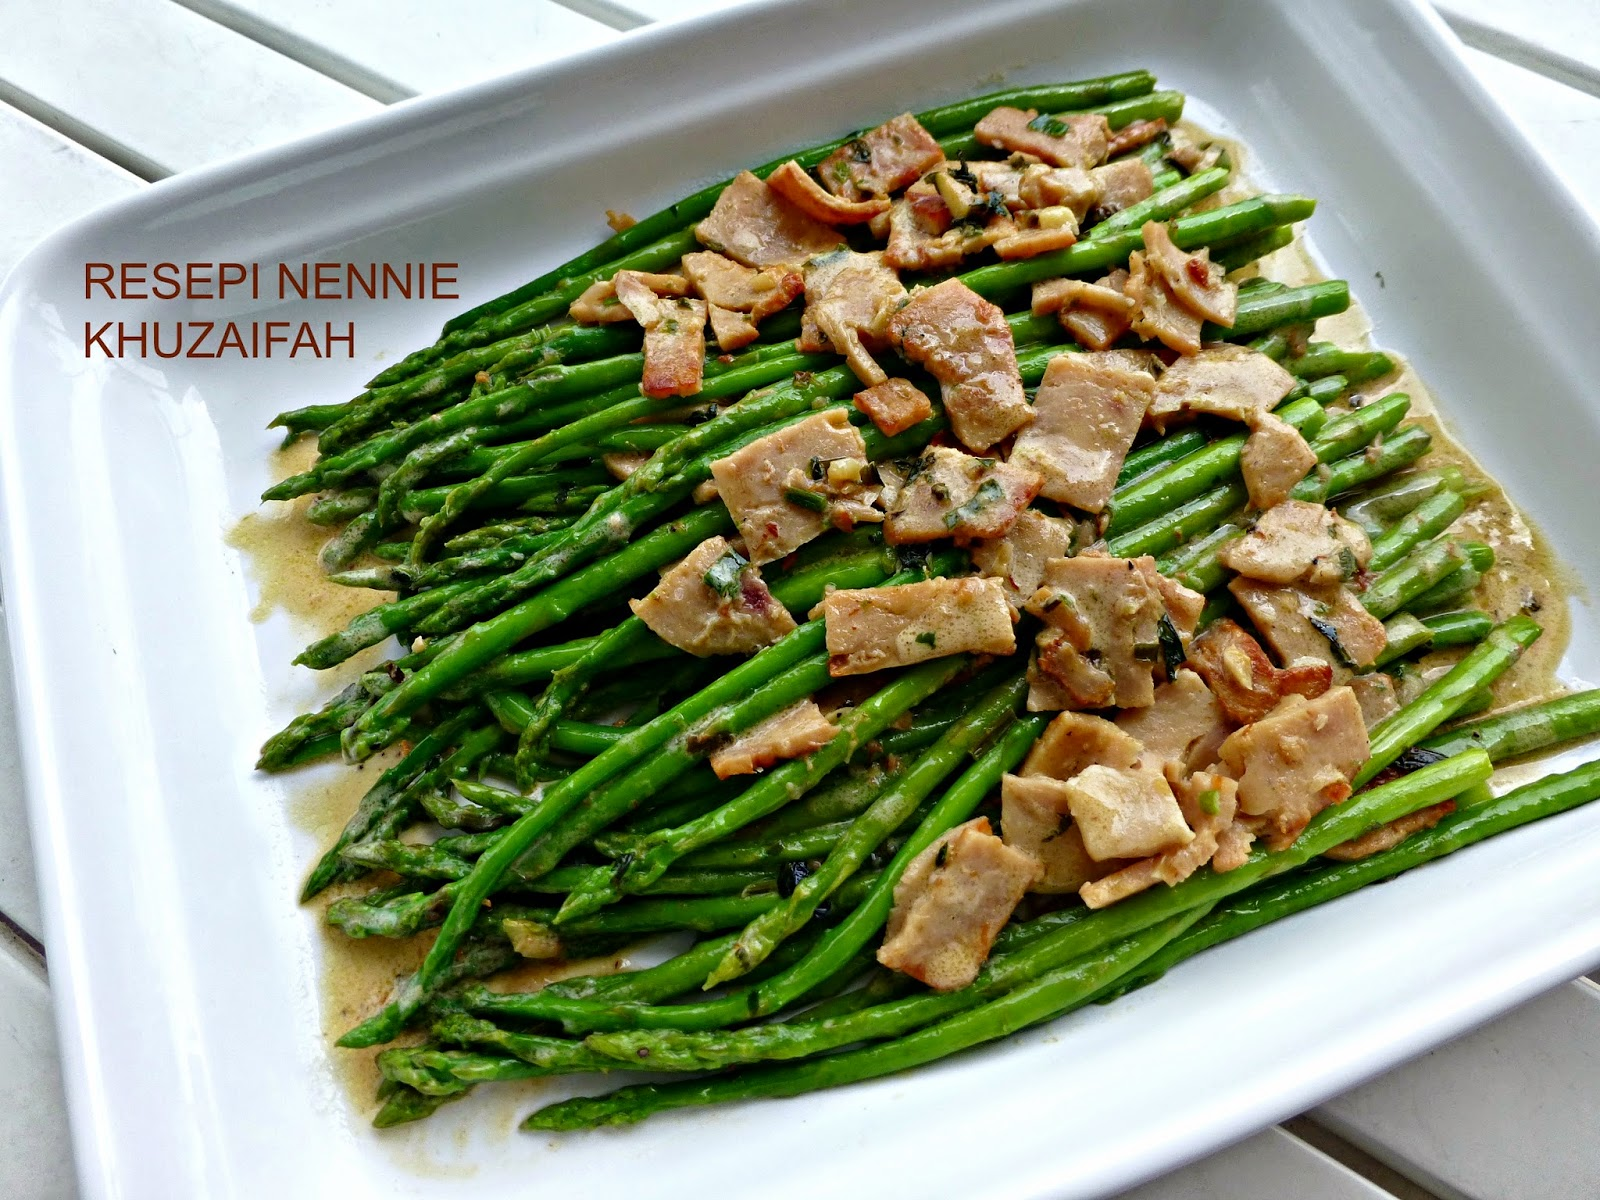 Tumis Asparagus Sos Cream Recipes Tumis Asparagus Sos Cream Recipe